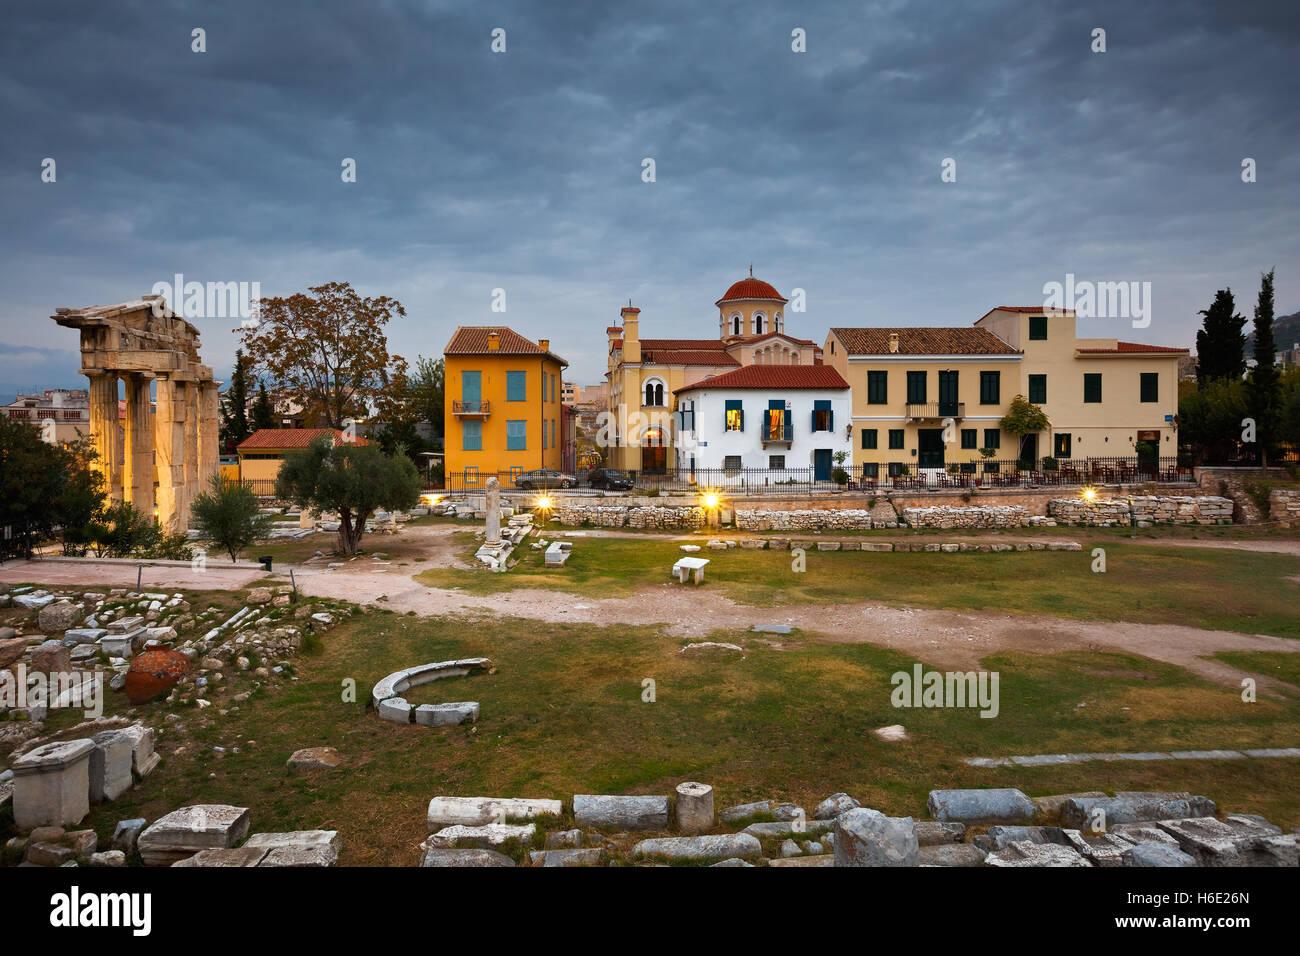 Le antiche rovine della città di Atene, Grecia. Immagini Stock